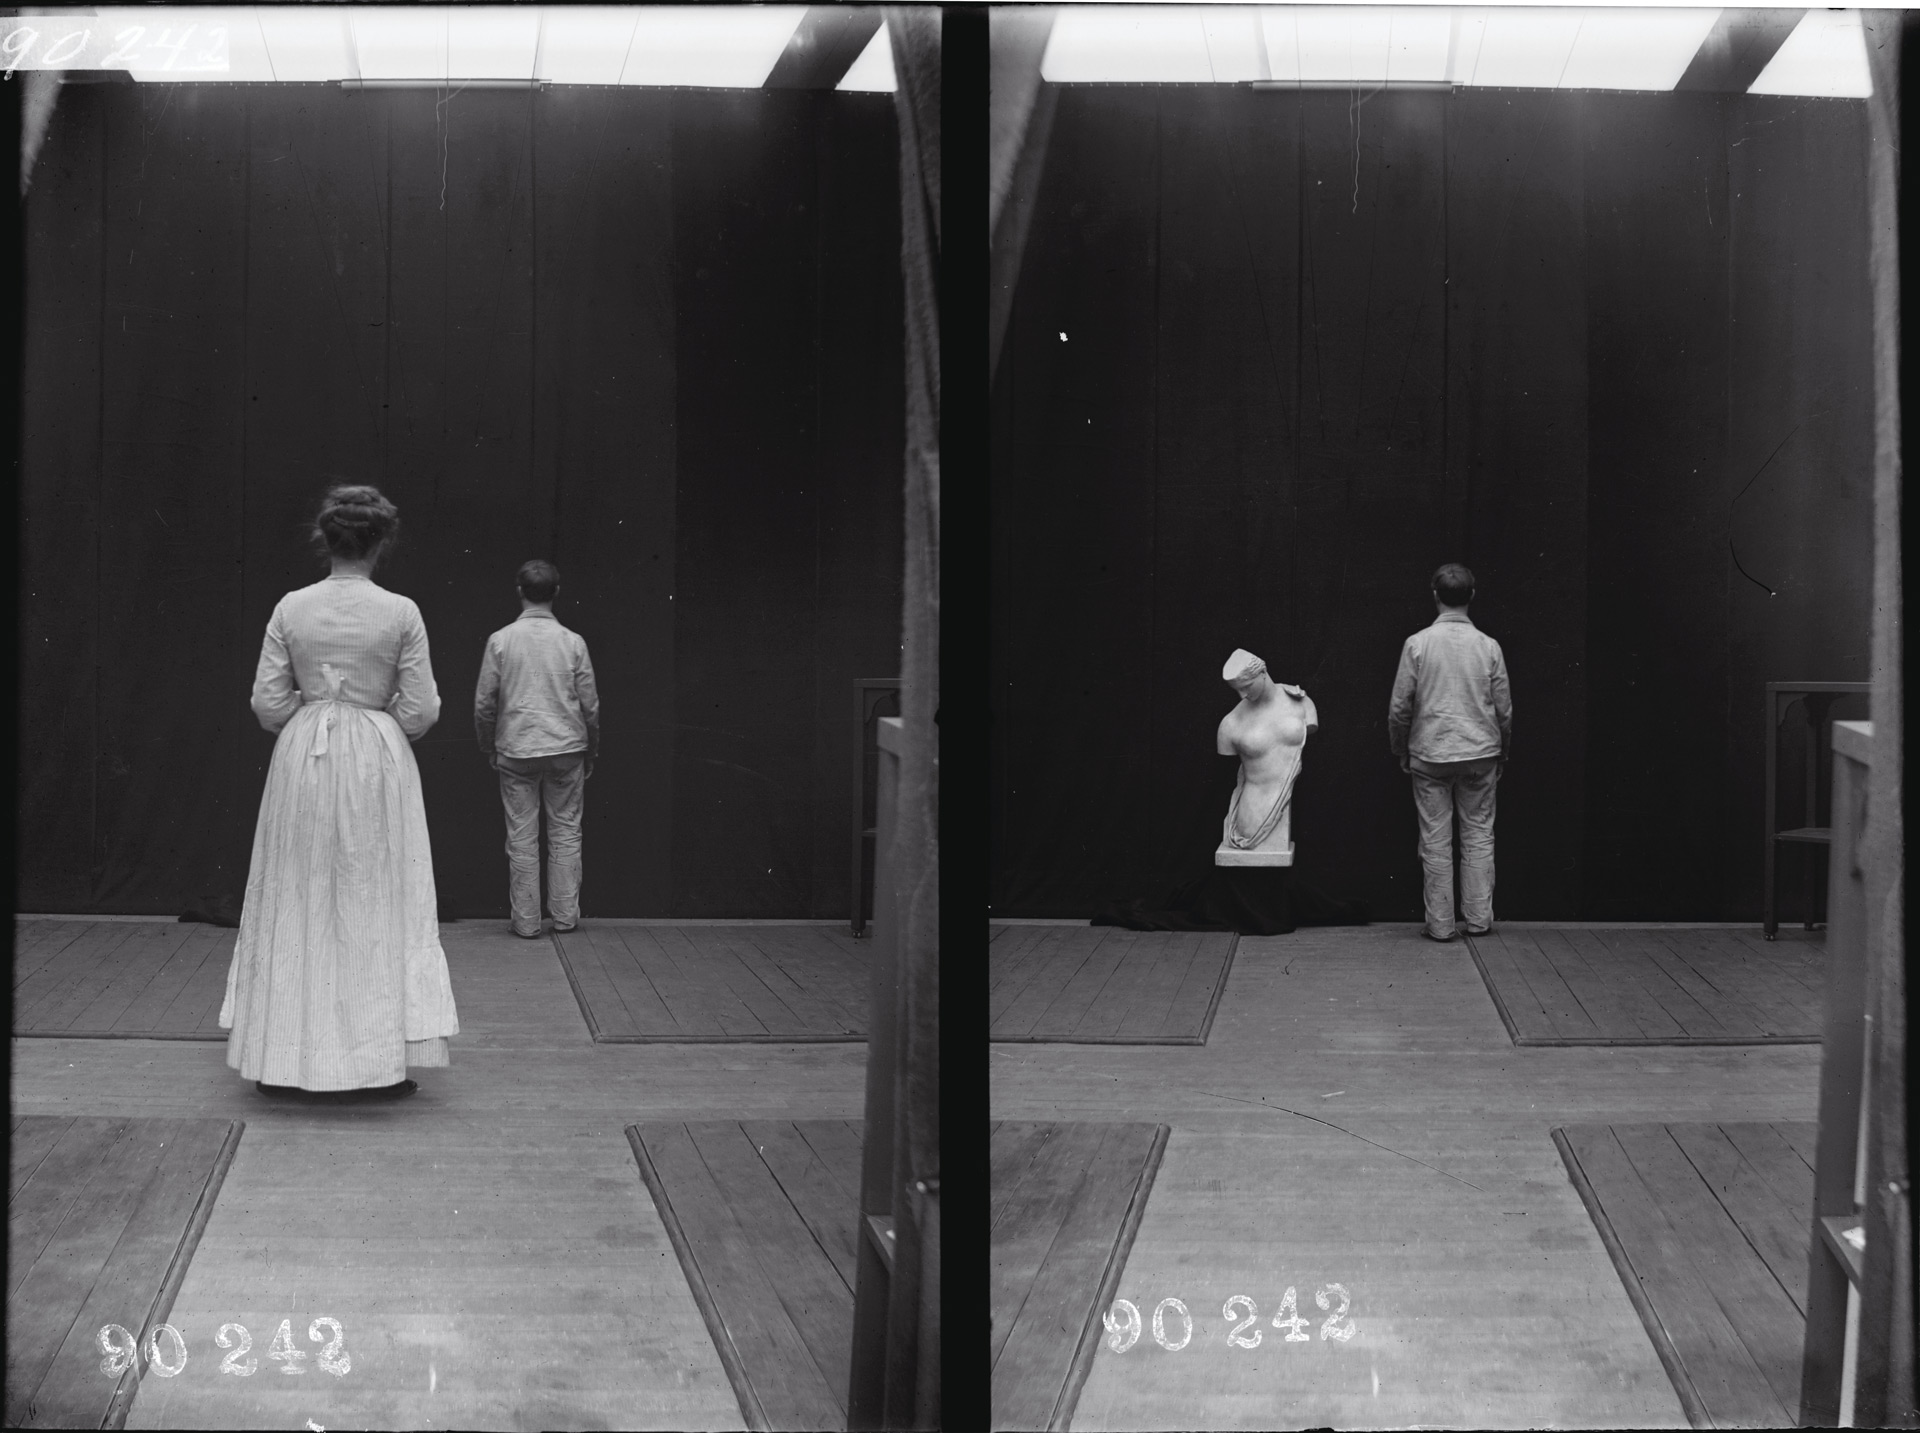 Джозеф Ястроу, эксперименты в области визуального восприятия, c. 1905, Стереографы из стеклянных негативов, Коллекция Keystone-Mast